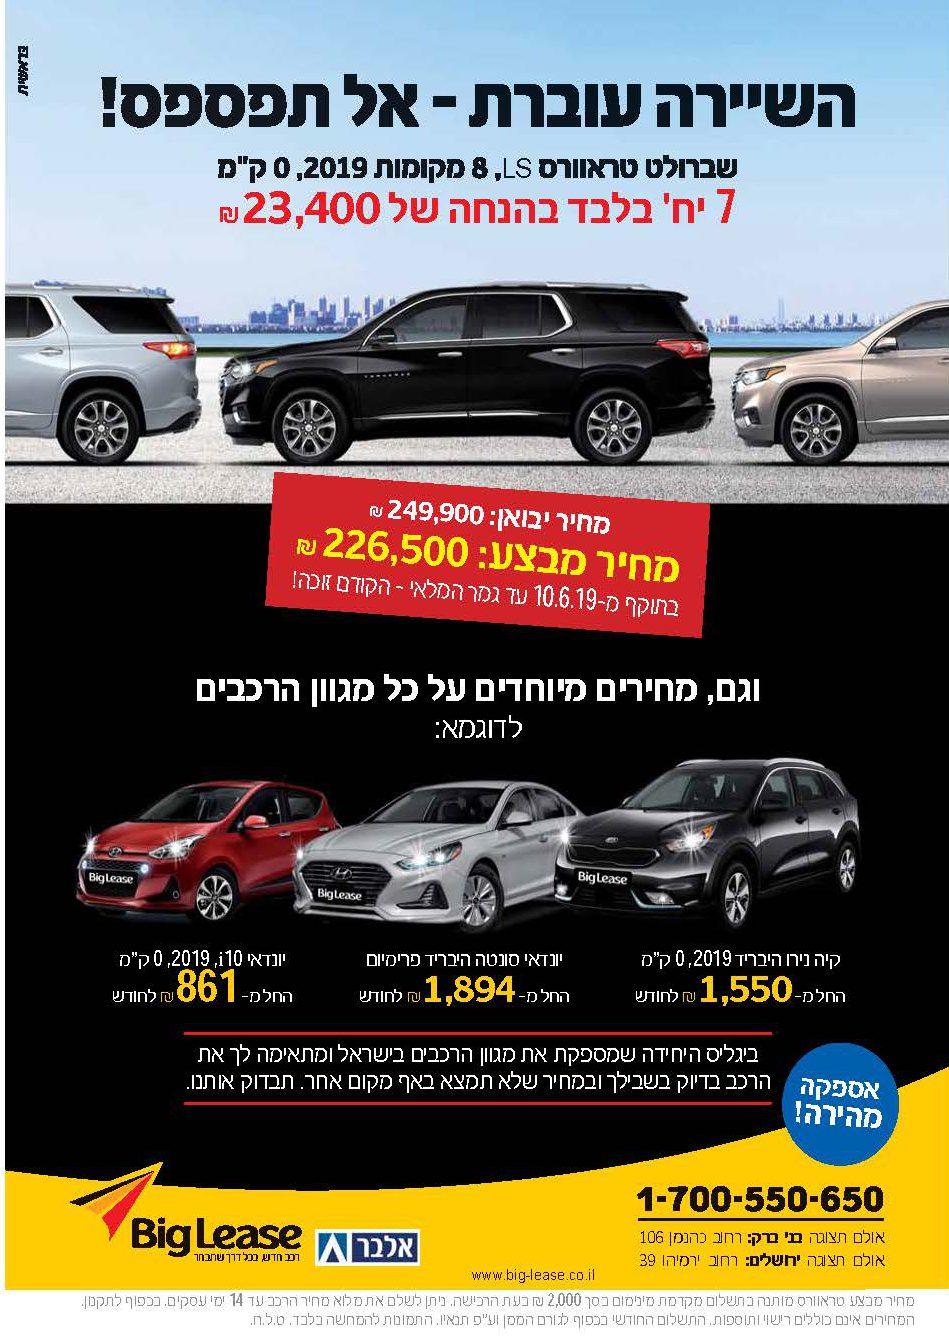 סקירת קטגוריה - רכב: המפרסמים המובילים בעיתוני המגזר החרדי 1